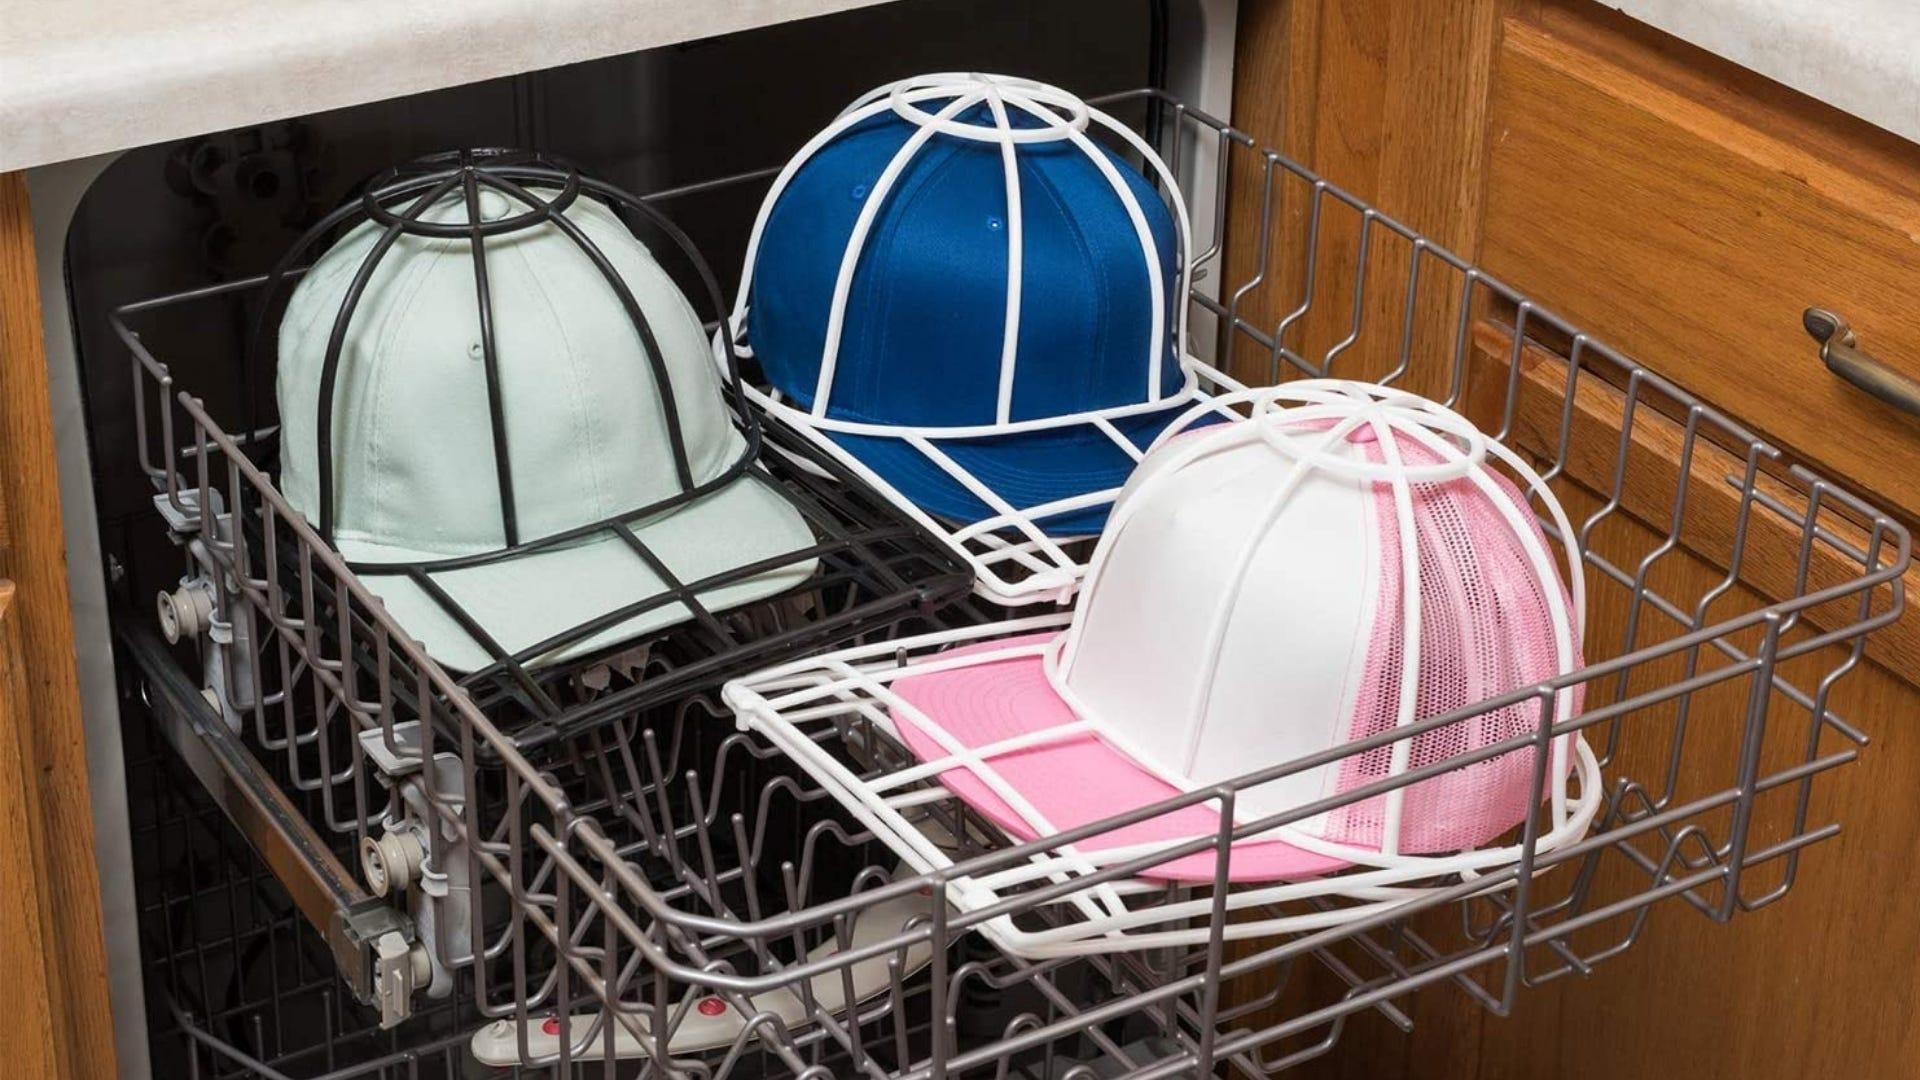 Three baseball hats in Ballcap Buddys in a dishwasher.